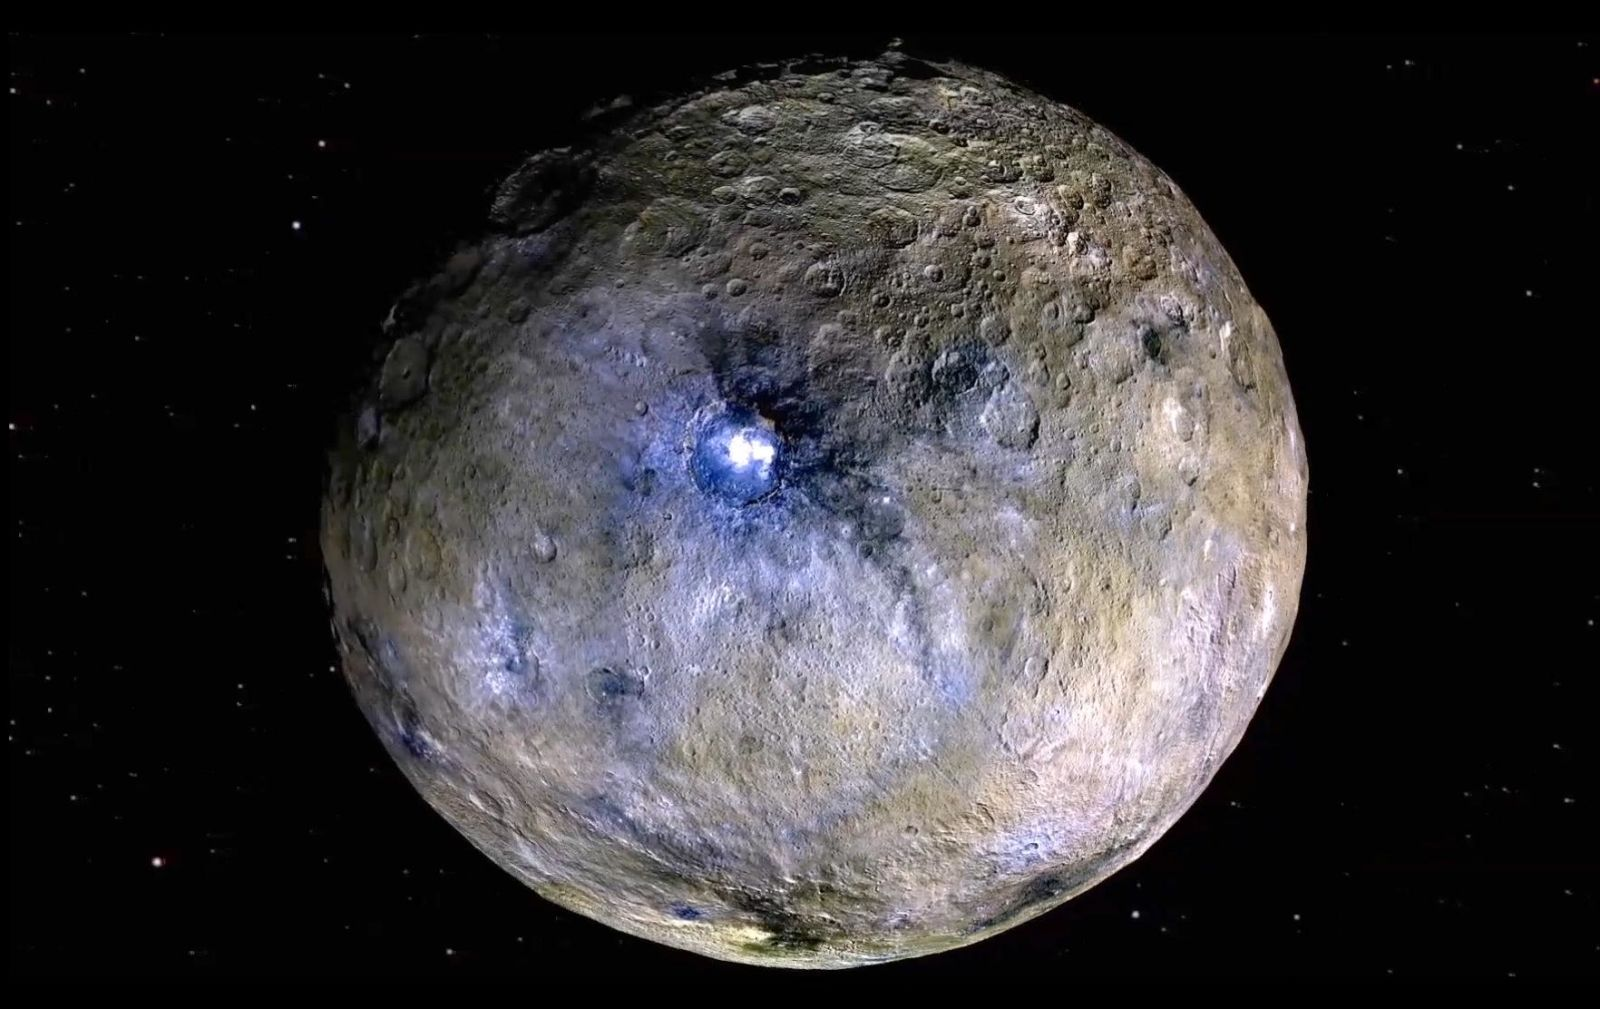 Planeta anão Ceres mostrado em cor falsa e sua cratera Occator brilhante. Crédito: NASA/JPL-CalTech/UCLA/MPS/DLR/IDAPlaneta anão Ceres mostrado em cor falsa e sua cratera Occator brilhante. Crédito: NASA/JPL-CalTech/UCLA/MPS/DLR/IDA